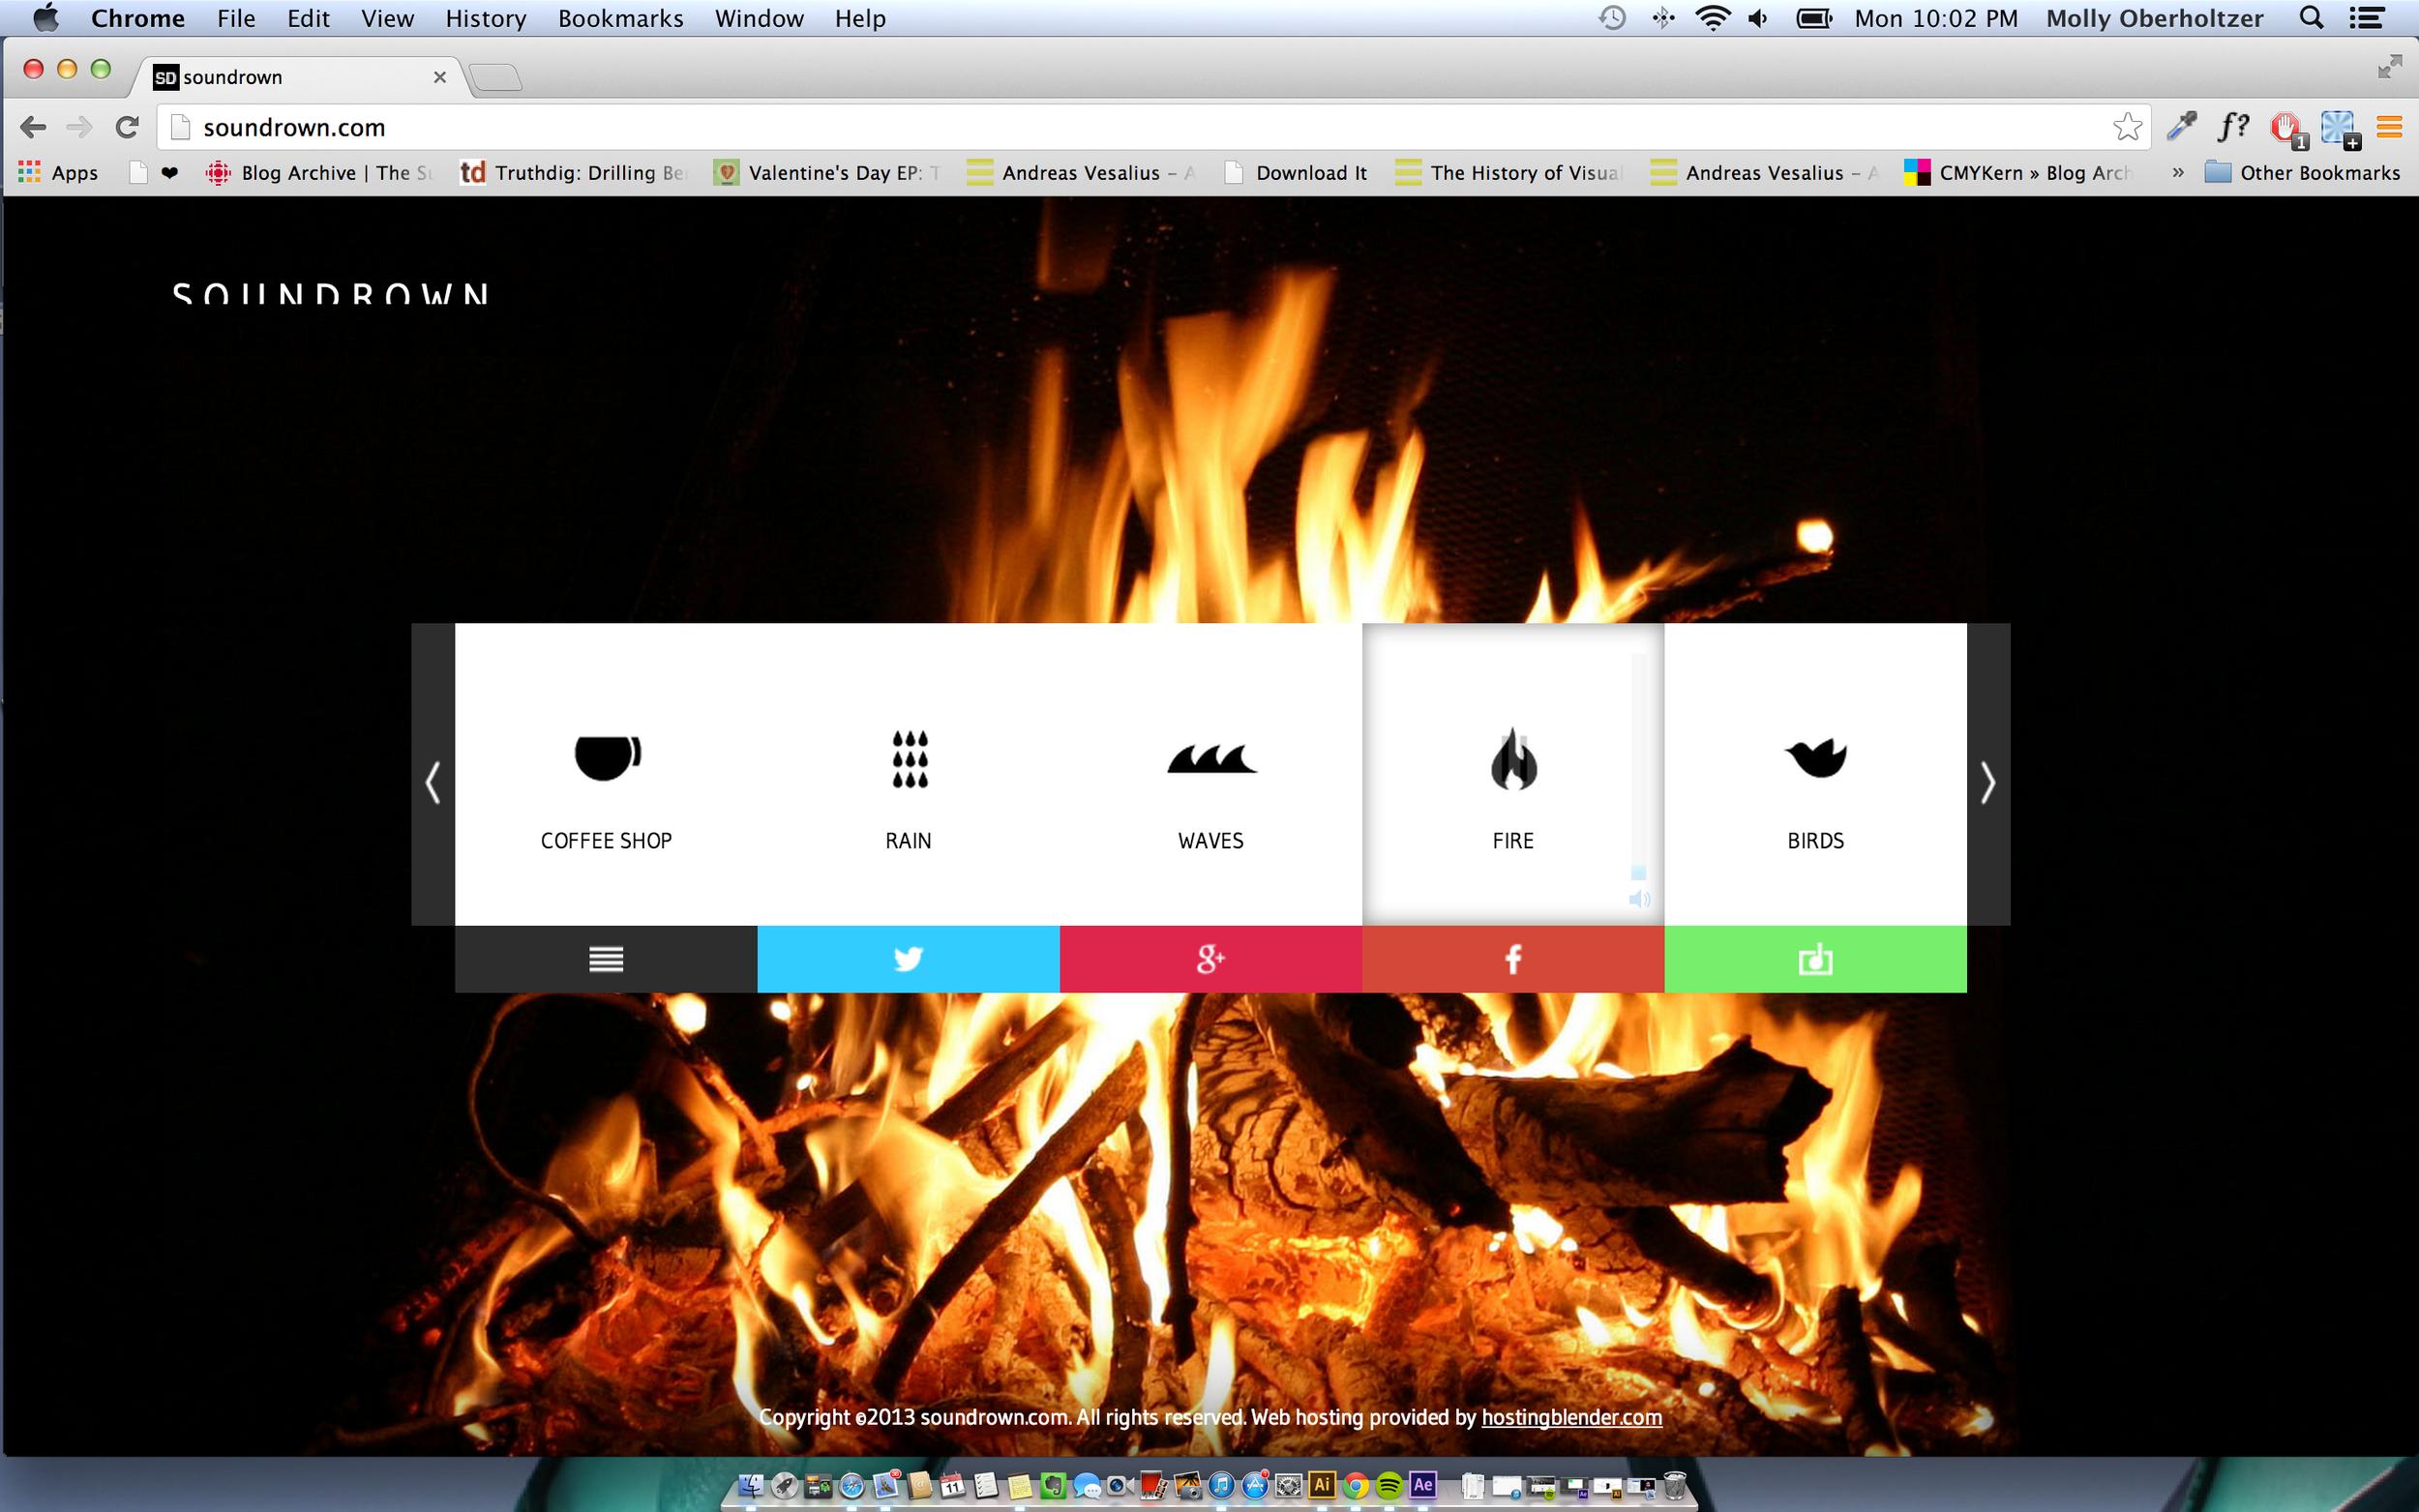 Screen Shot 2013-11-11 at 10.02.18 PM.png